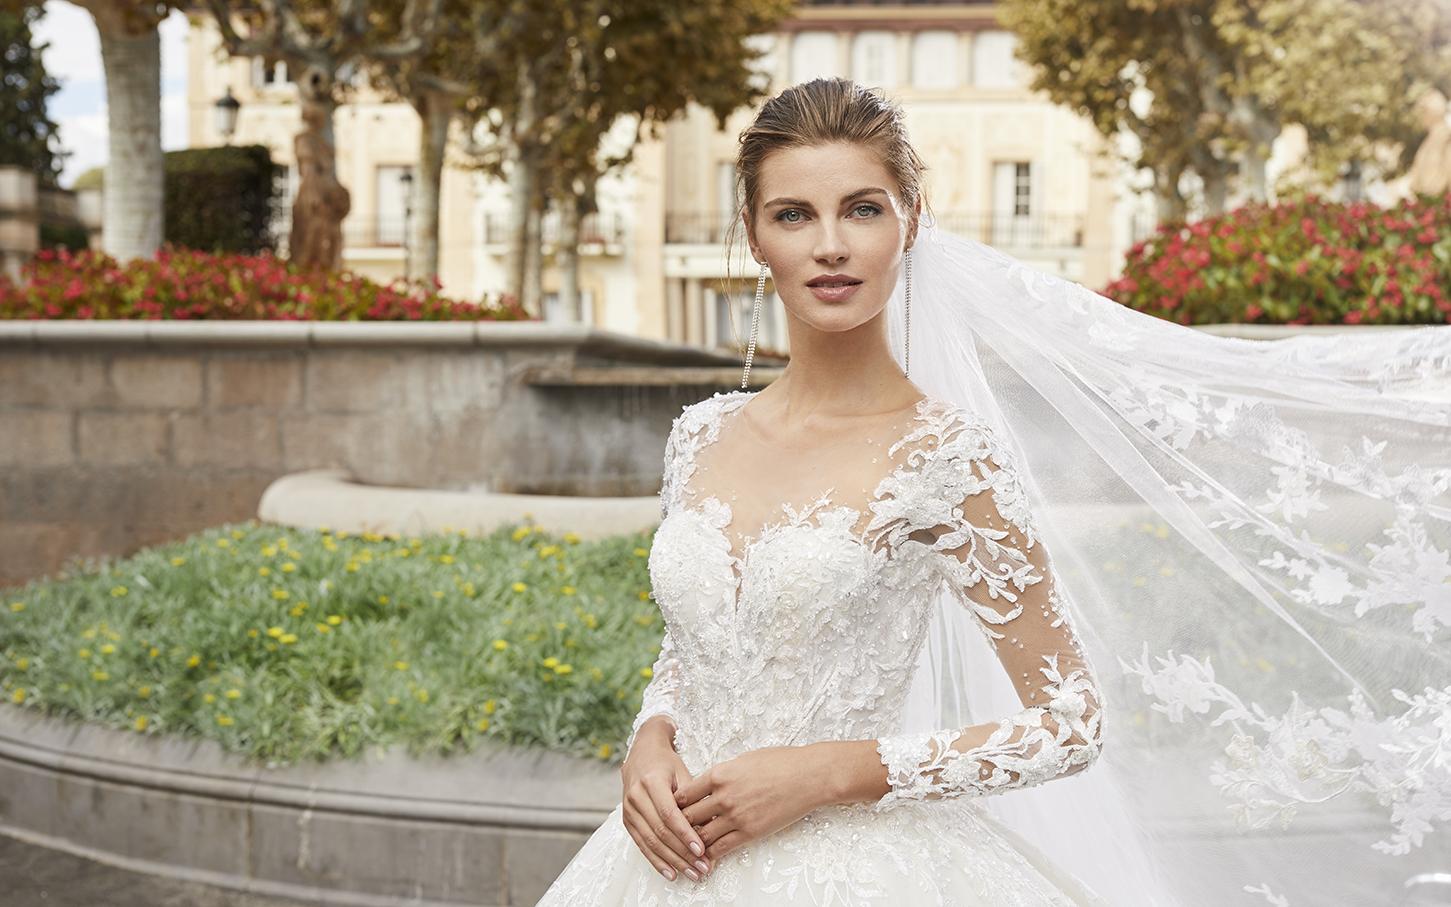 Robe de mariée Benasque de face - Boutique à Héricourt